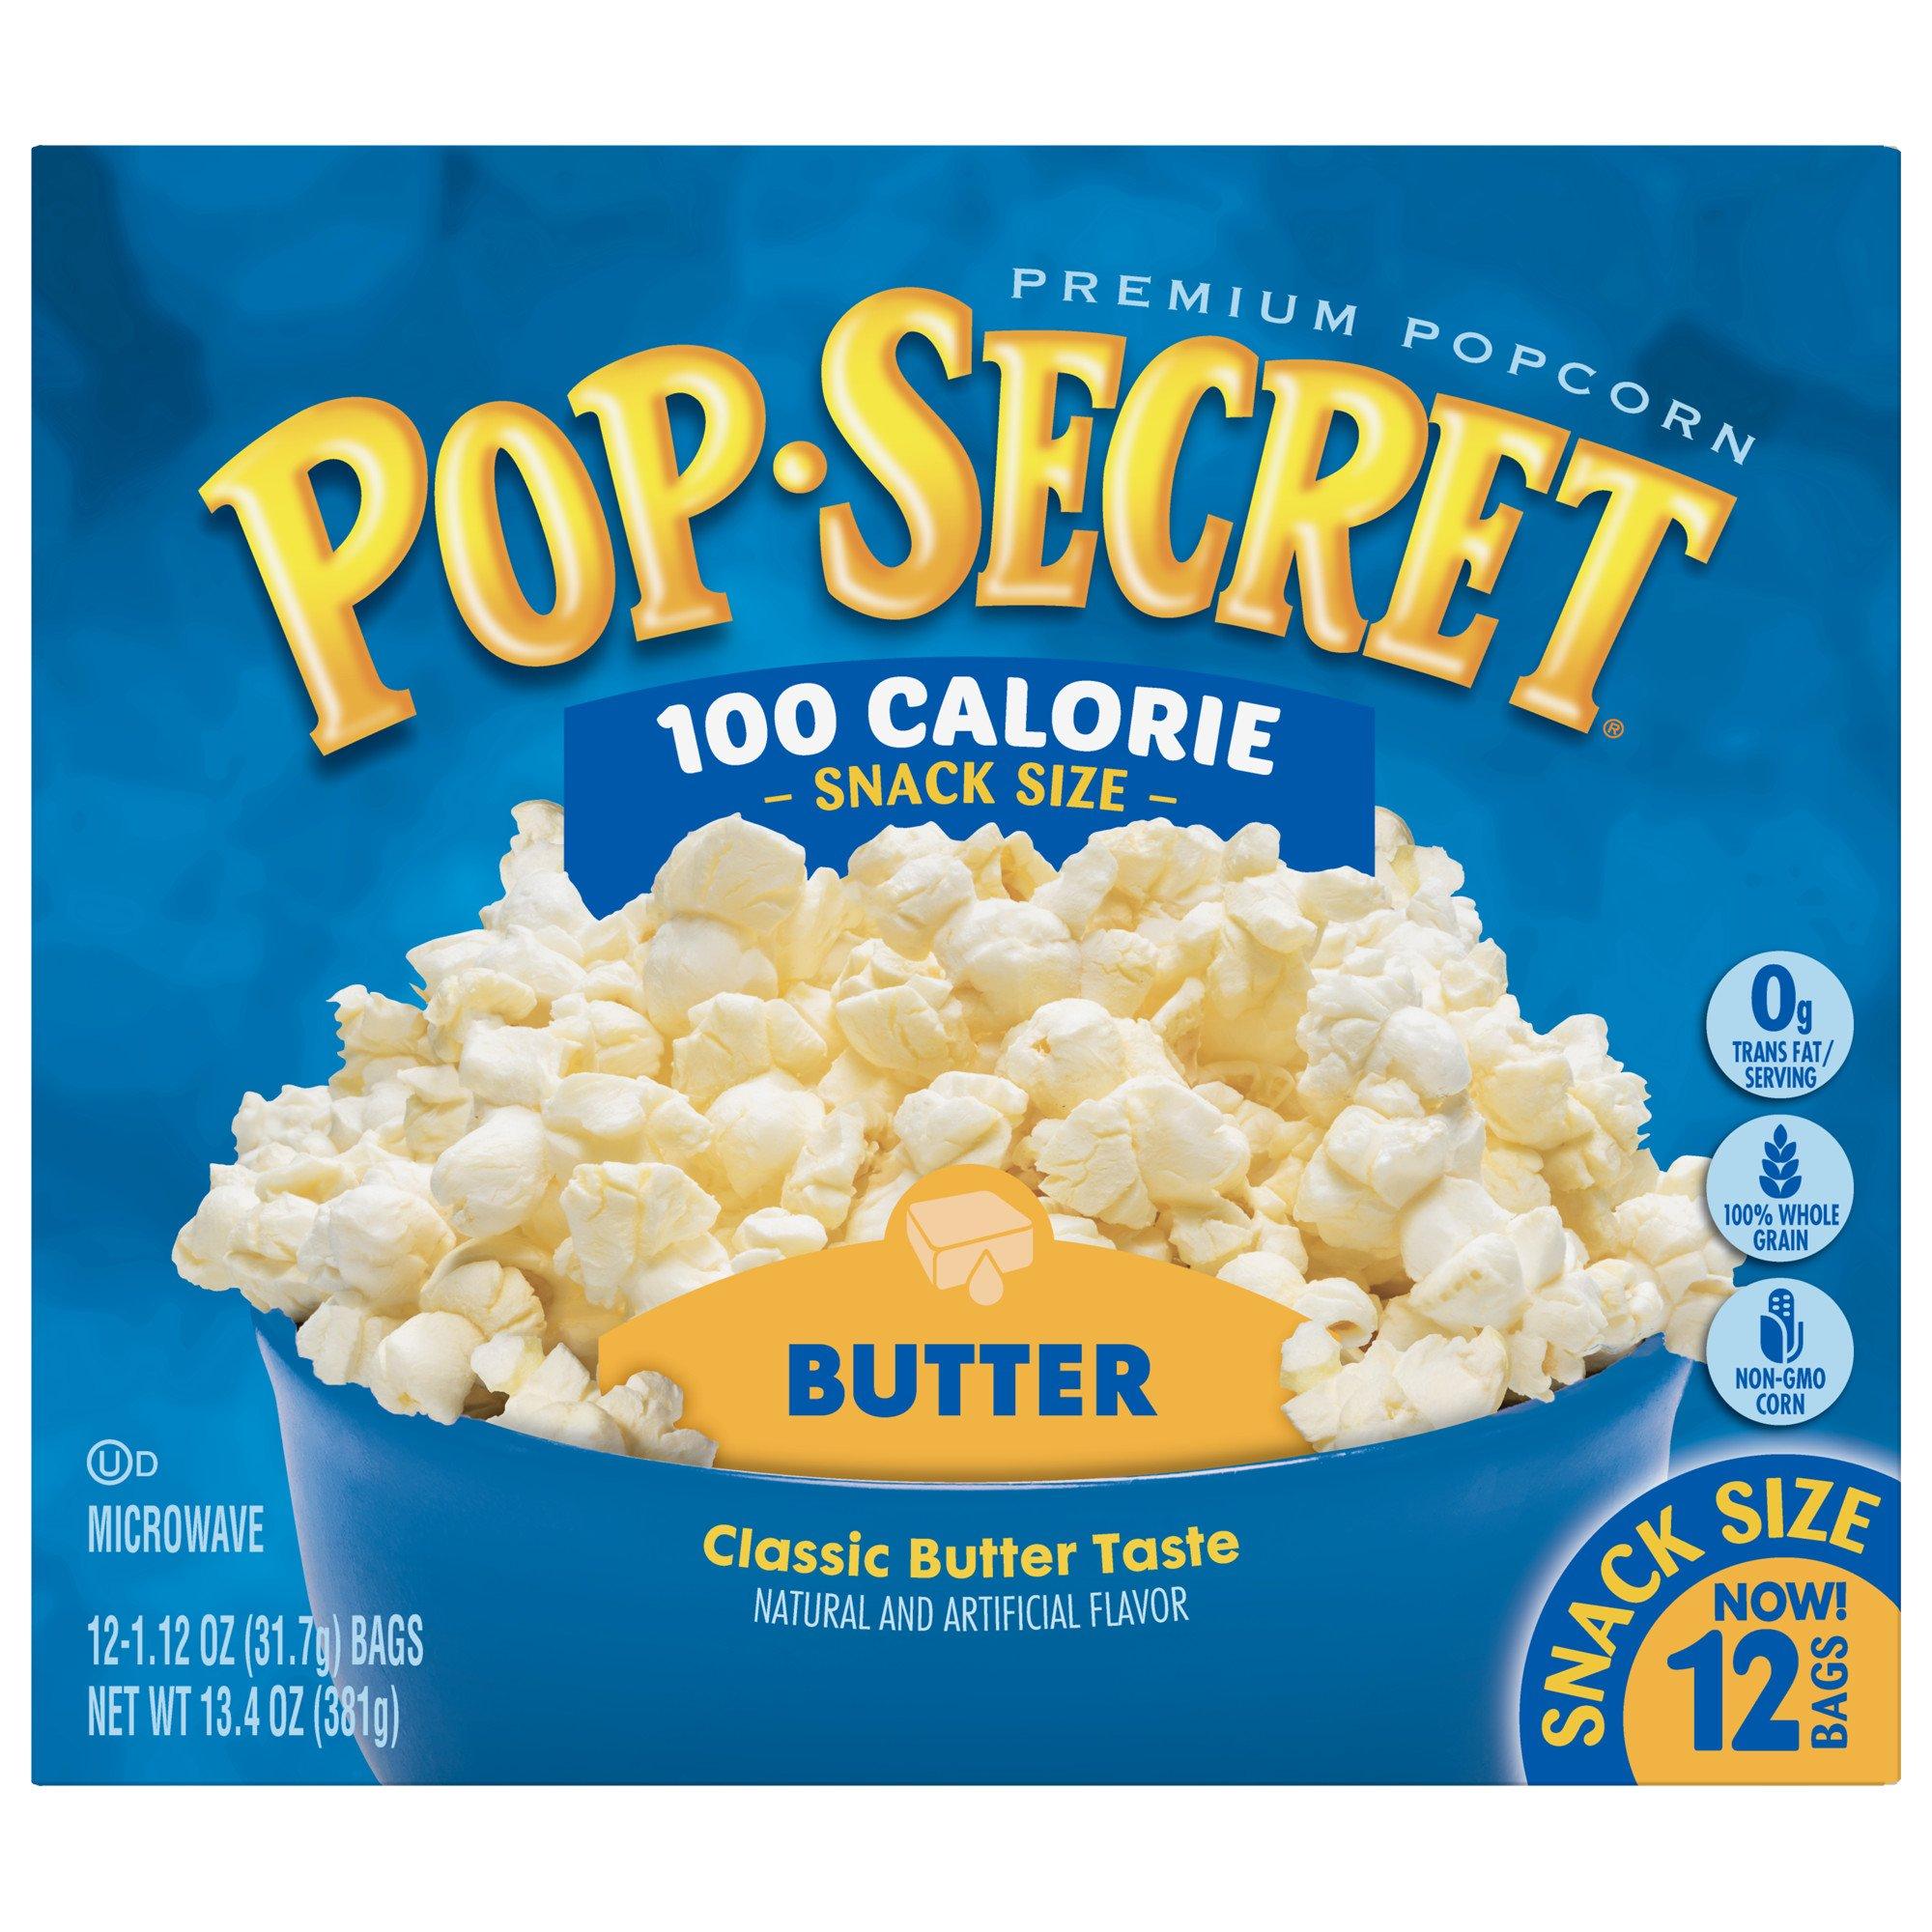 Pop Secret Popcorn, Butter 100 Calorie Microwave Bags, 12 Count Box (Pack of 4) by Pop Secret